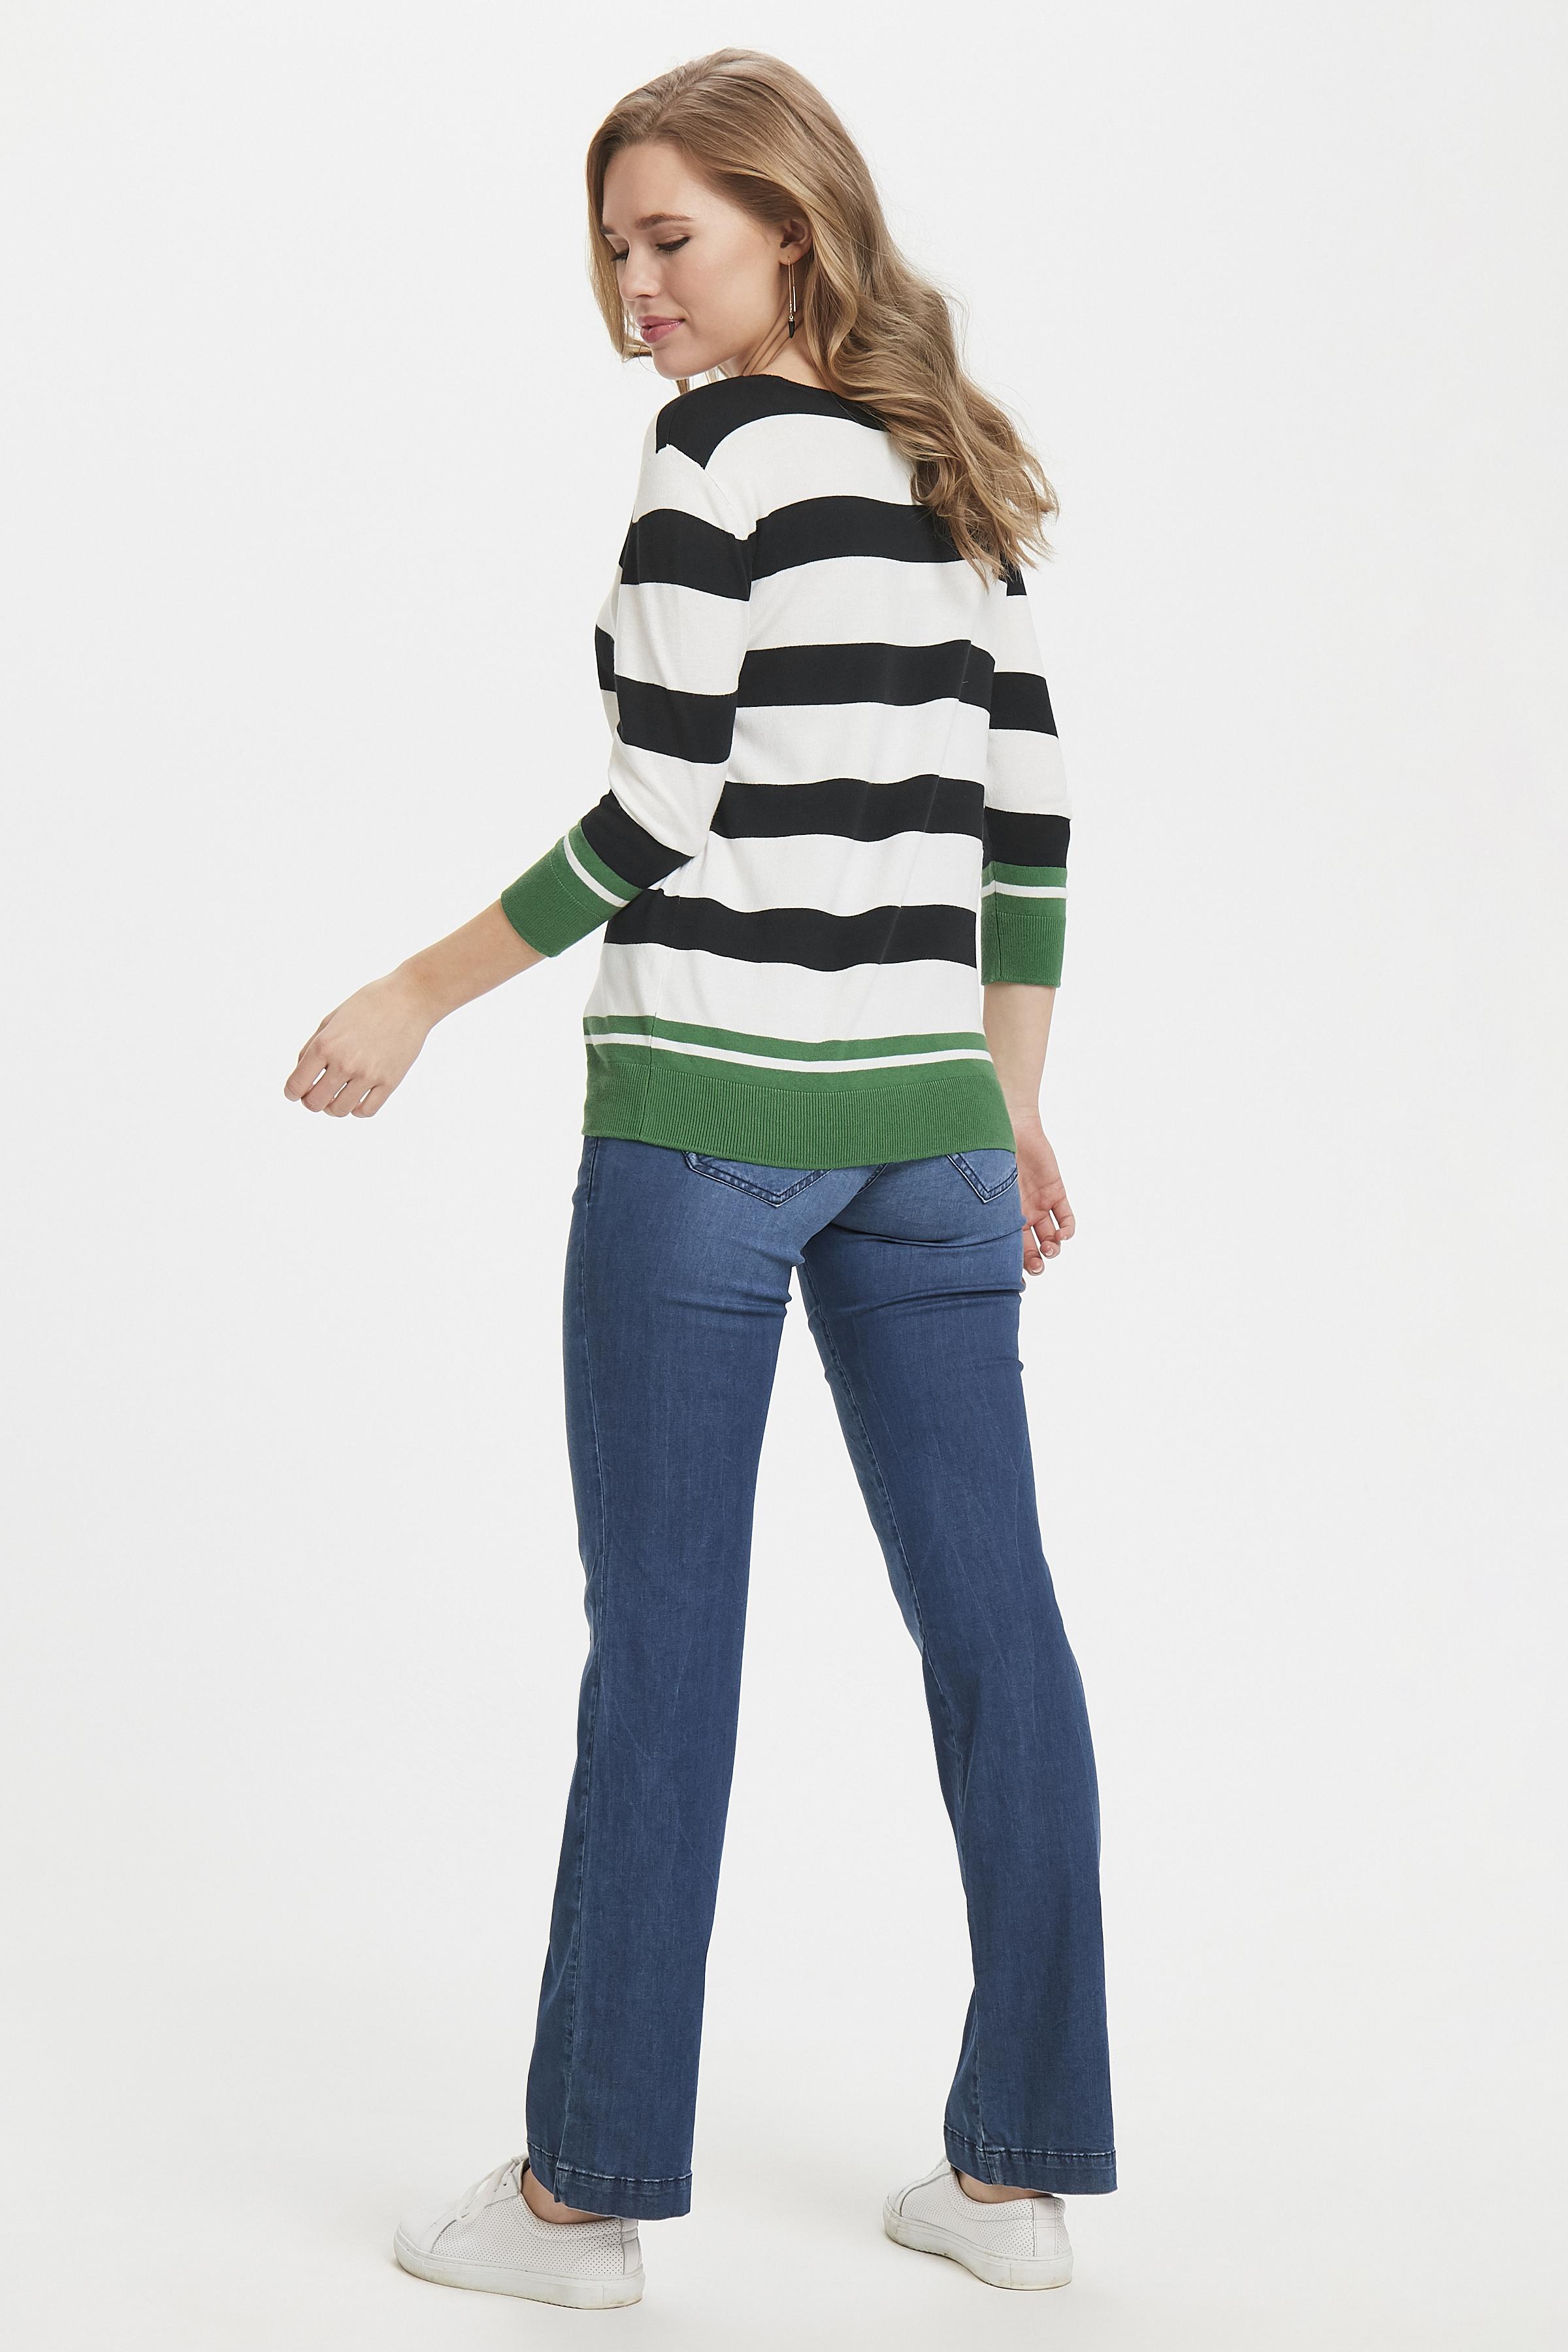 Vit/grön Stickad tröja från Fransa – Köp Vit/grön Stickad tröja från stl. XS-XXL här